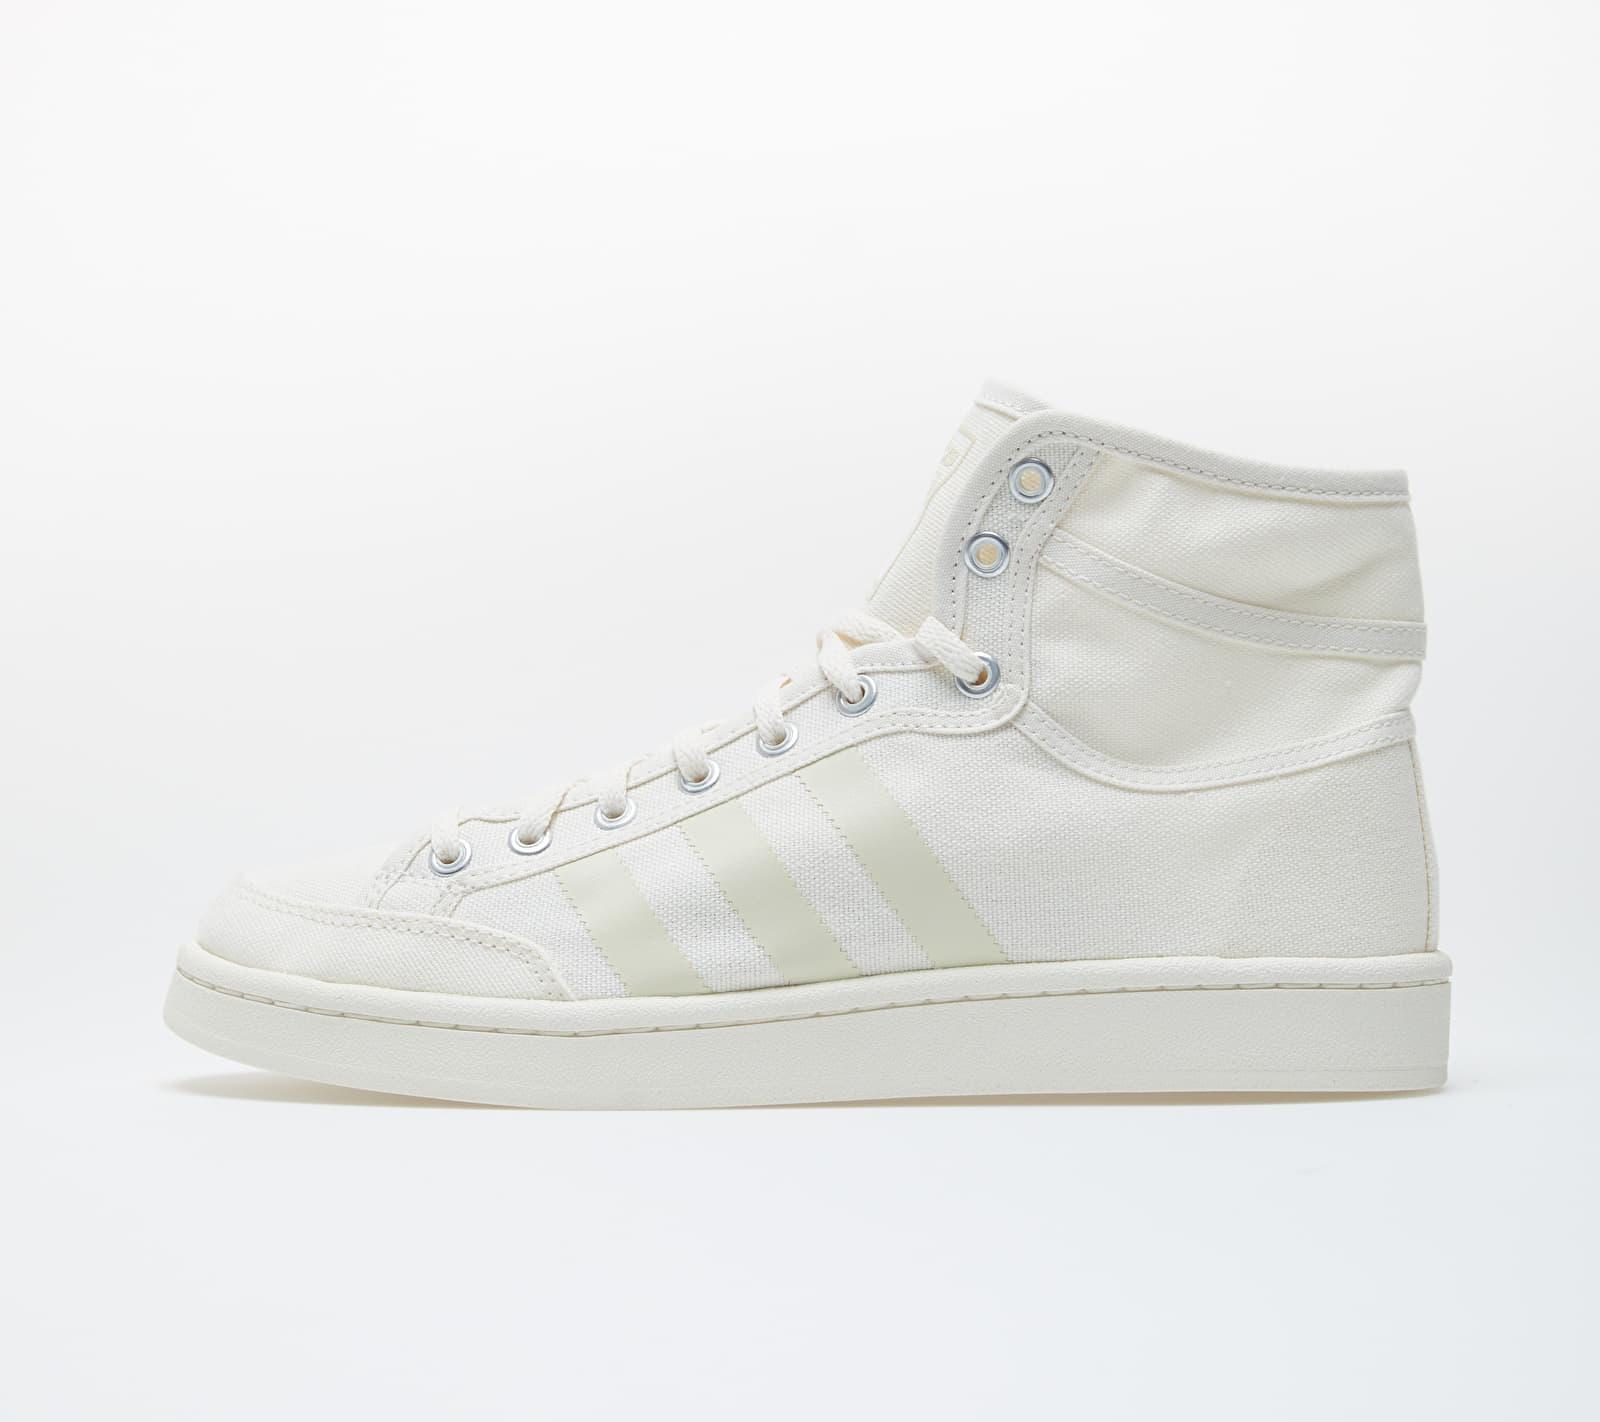 adidas Americana Decon Core White/ Core White/ Core White EG4476